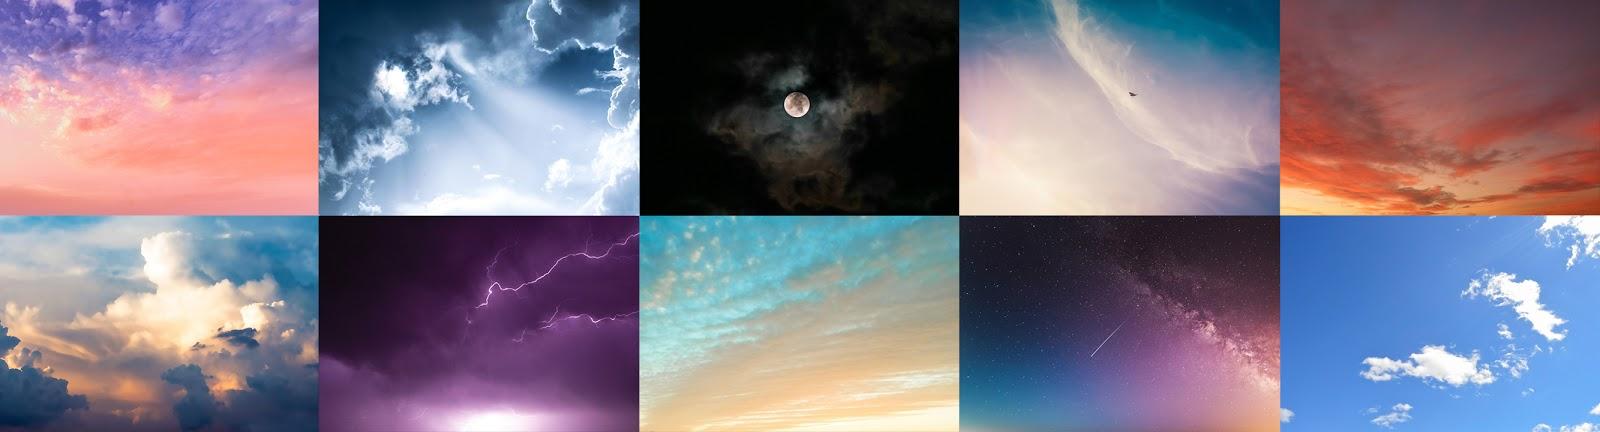 foto van tien beelden van luchten voor bewerking in LandscapePro 3